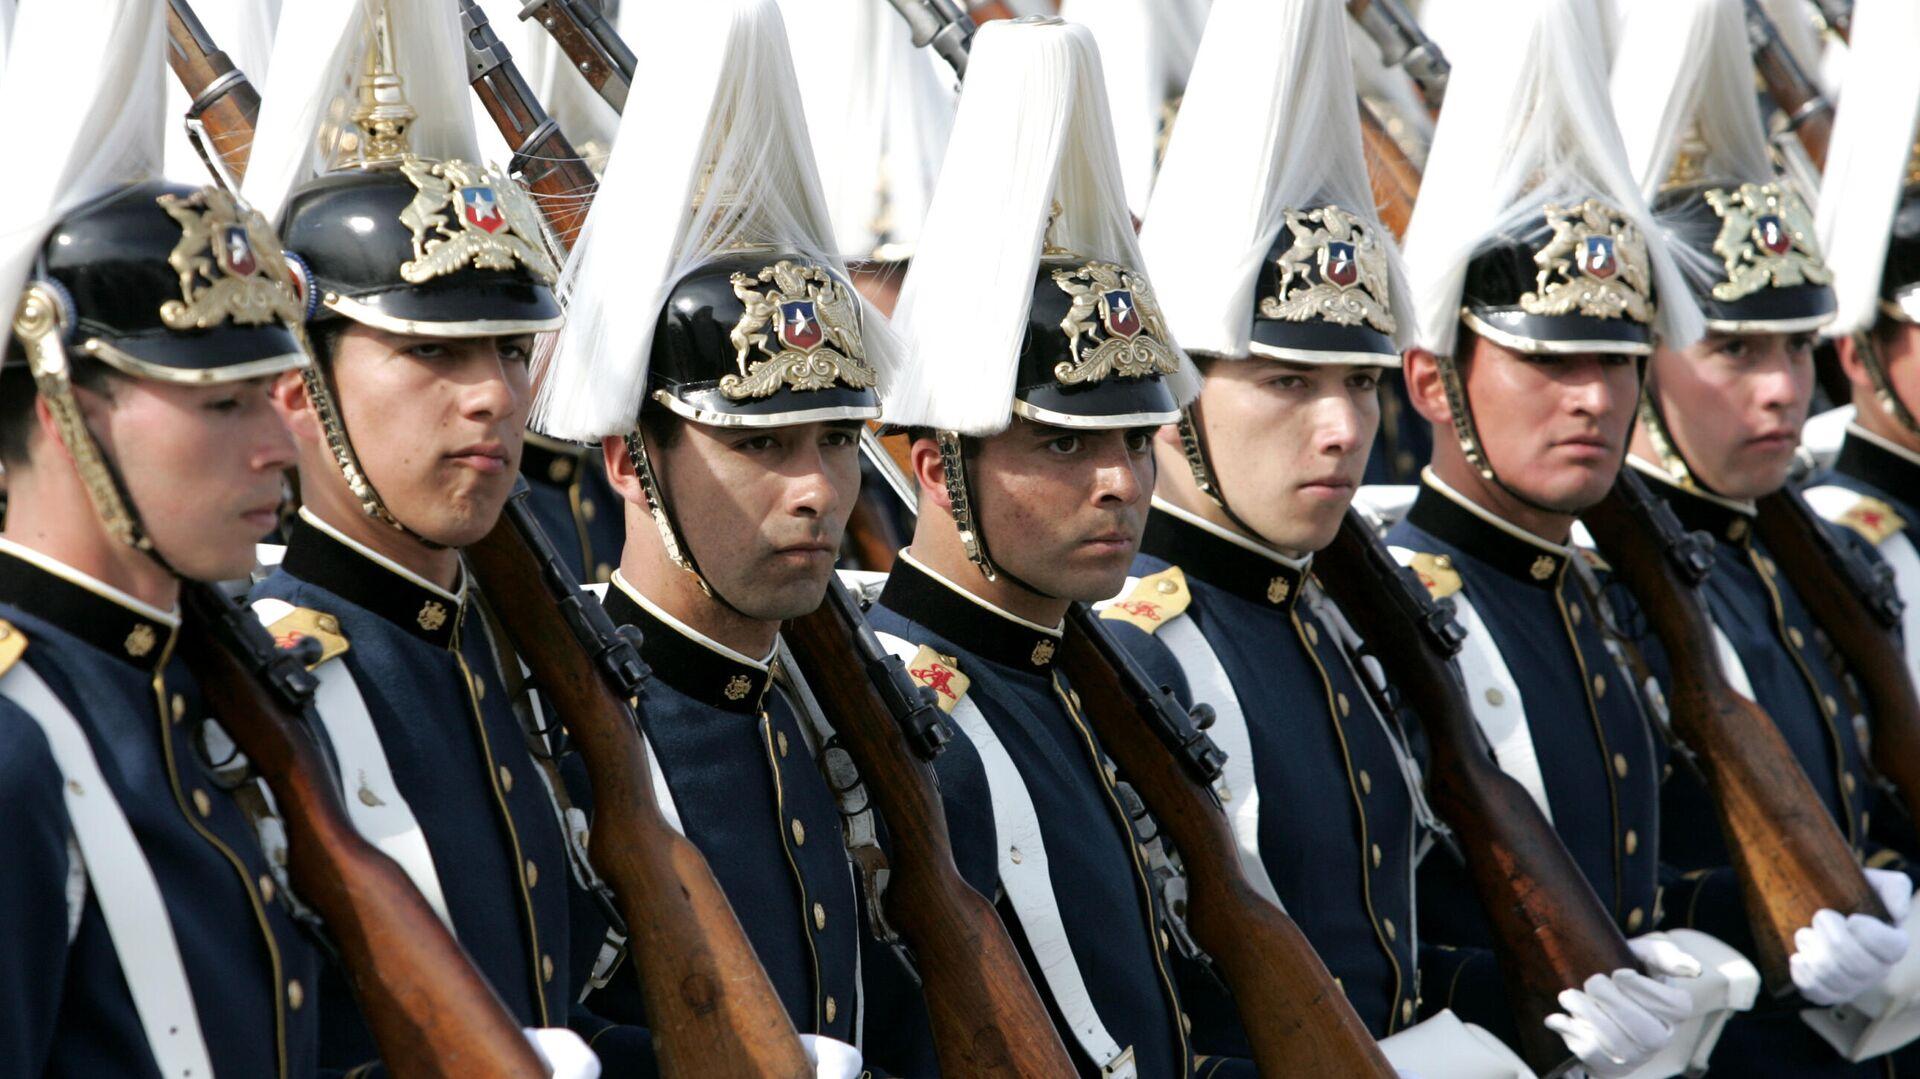 Parada Militar Chile - Sputnik Mundo, 1920, 29.09.2021